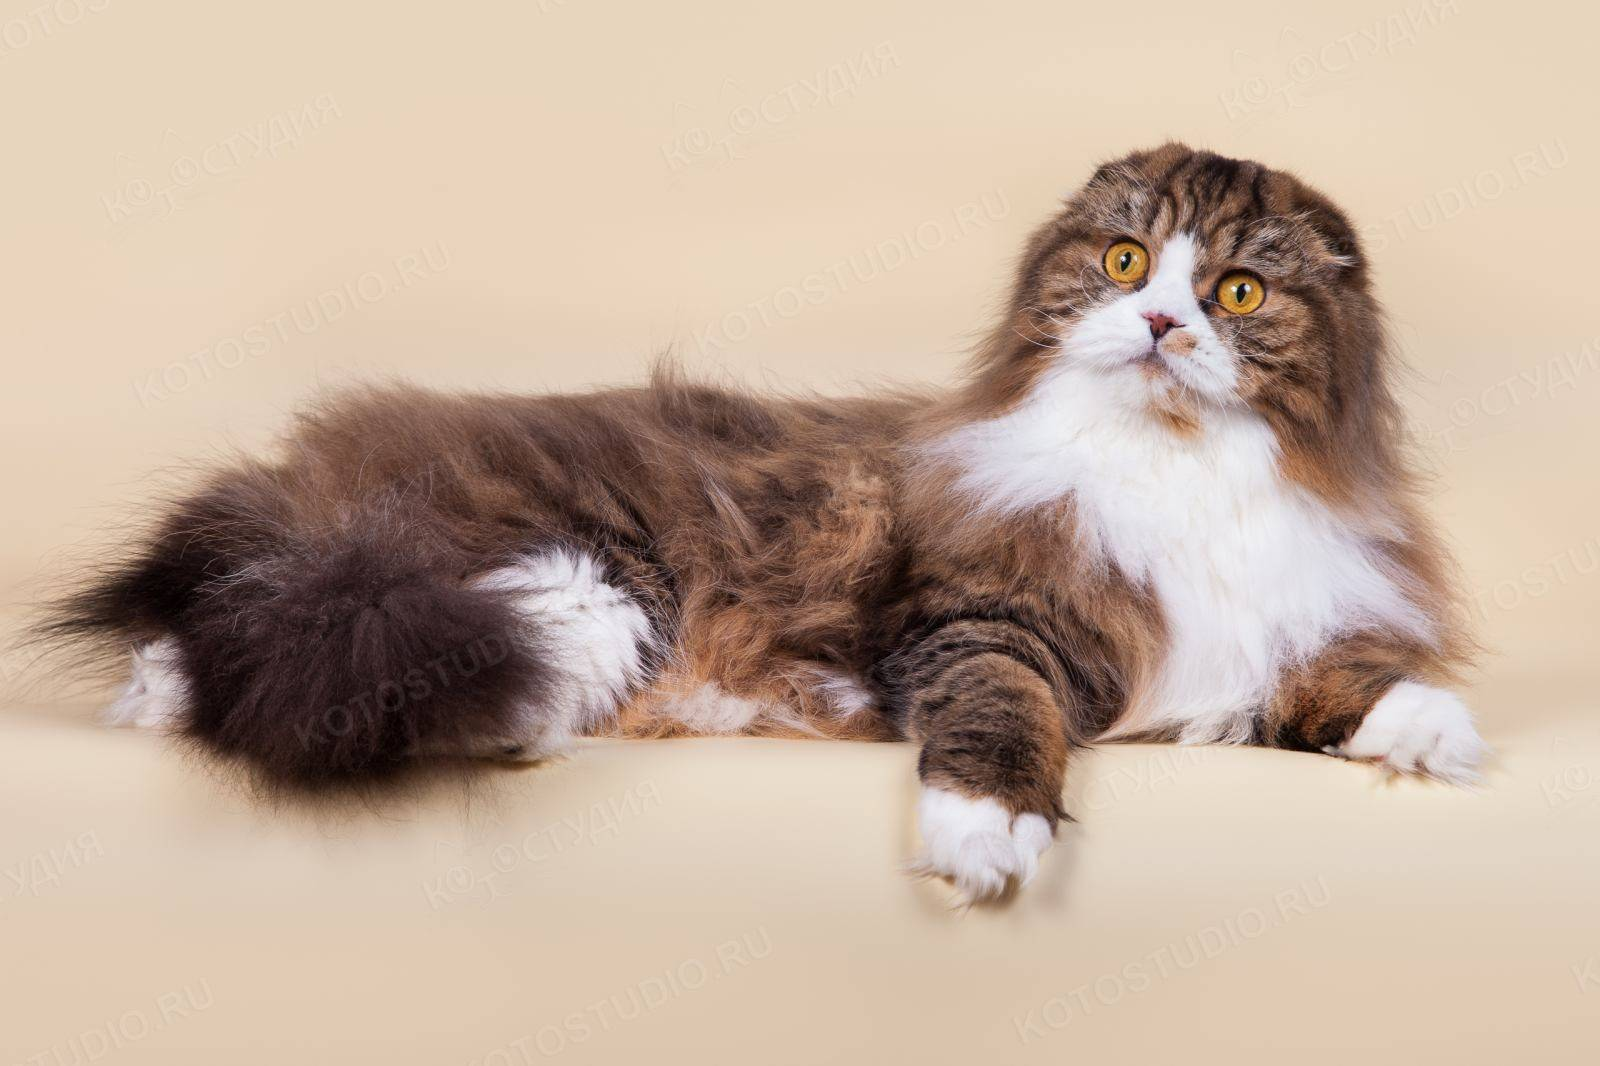 Американская короткошёрстная кошка: особенности породы, фото и отзывы владельцев, содержание питомца и уход за ним